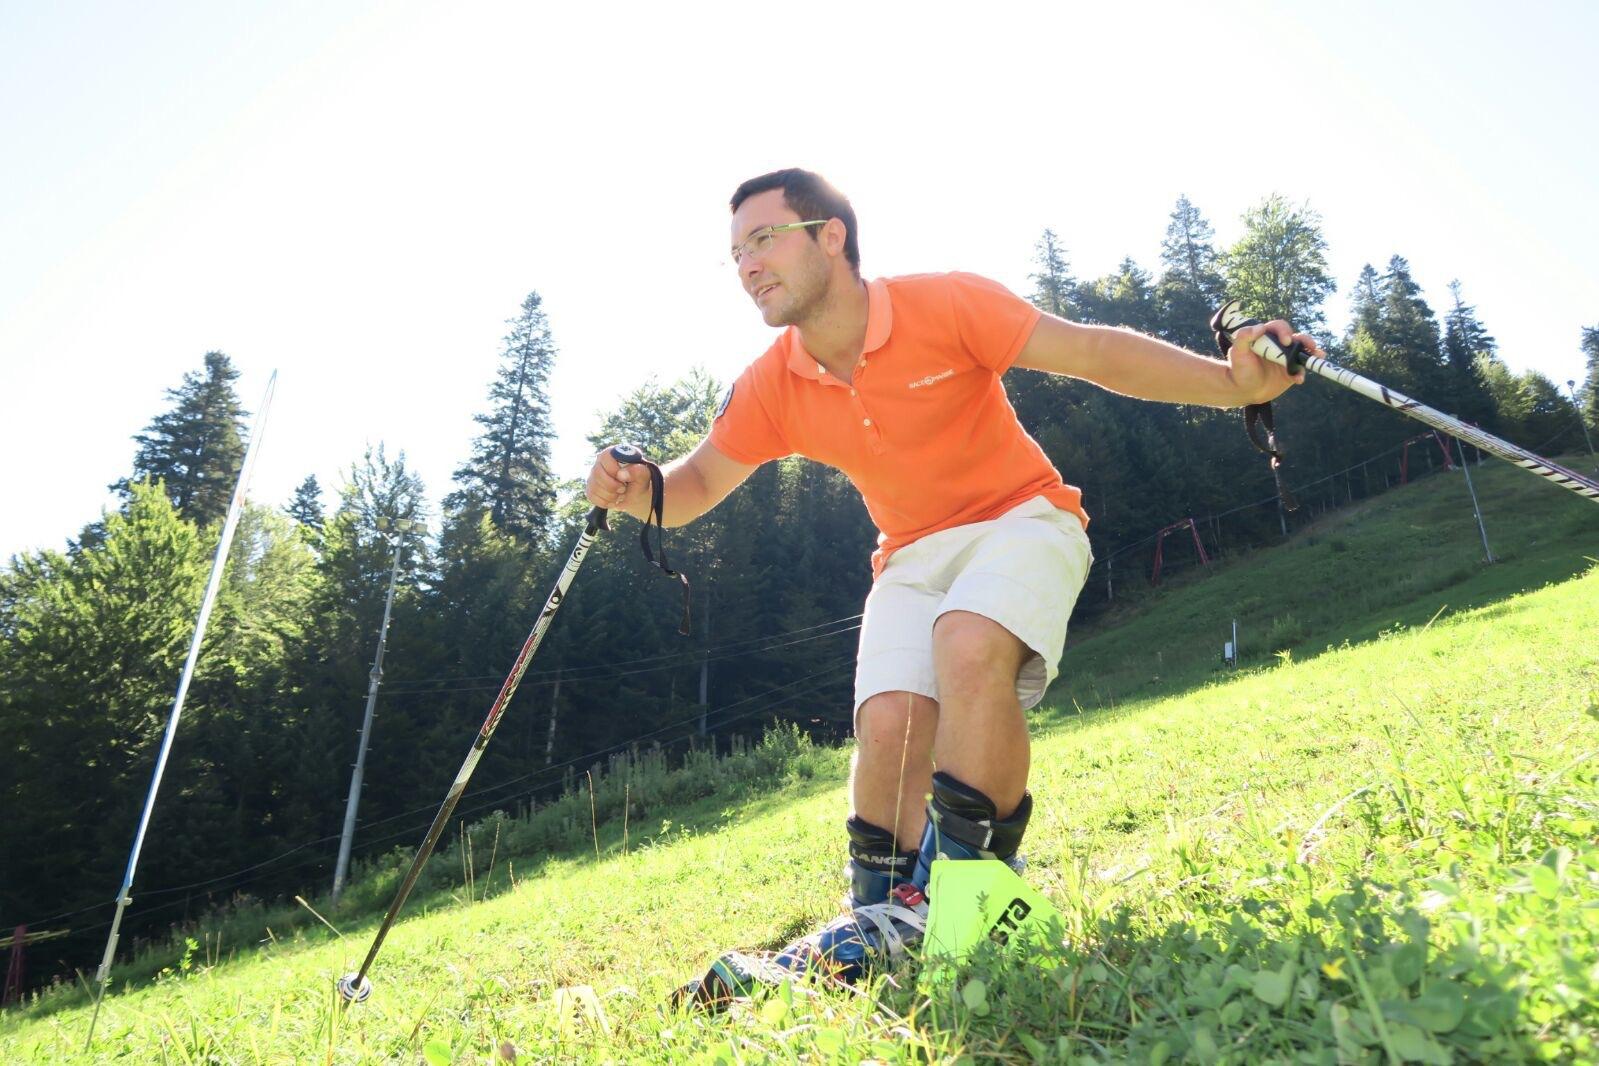 FOTO | Un tânăr din Azuga îşi petrece vara pe pârtie, făcând schi pe iarbă. El vrea să breveteze o tehnică